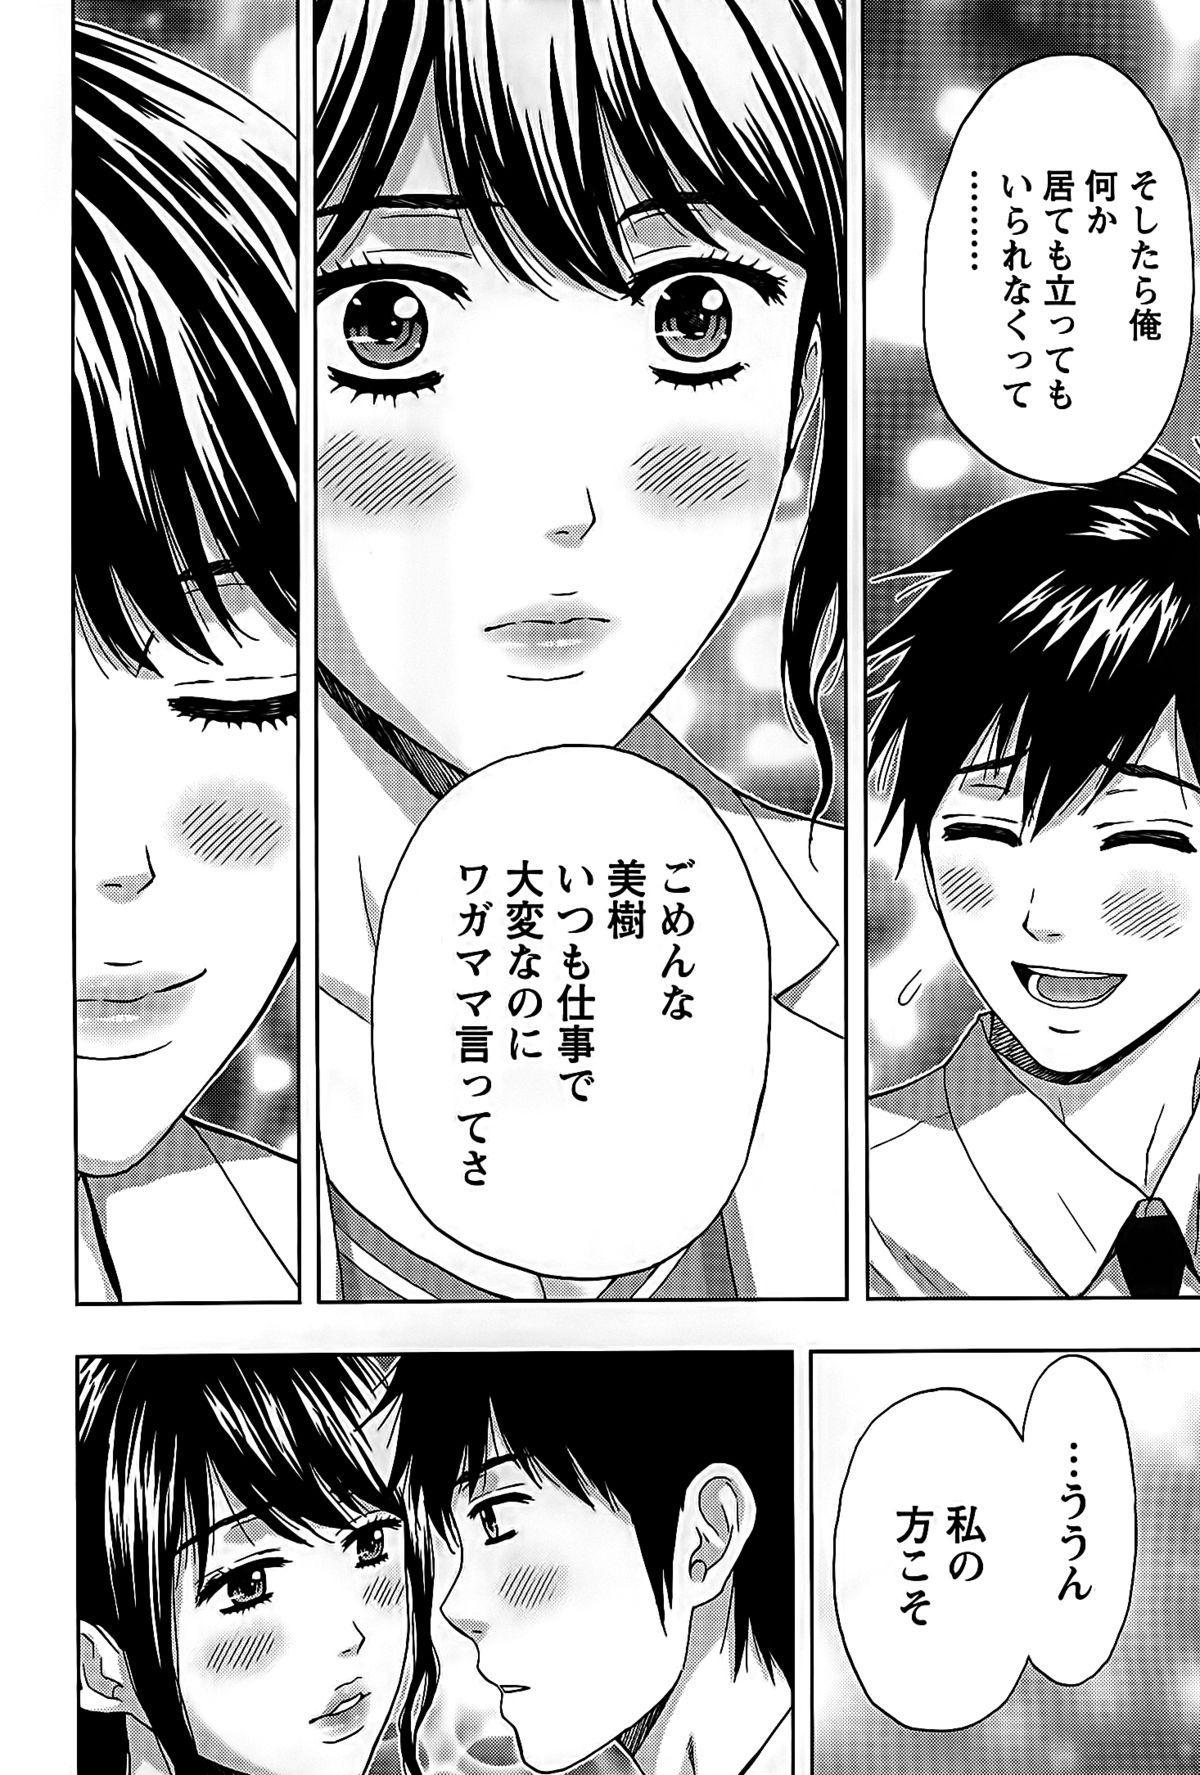 Shittori Lady to Amai Mitsu 73